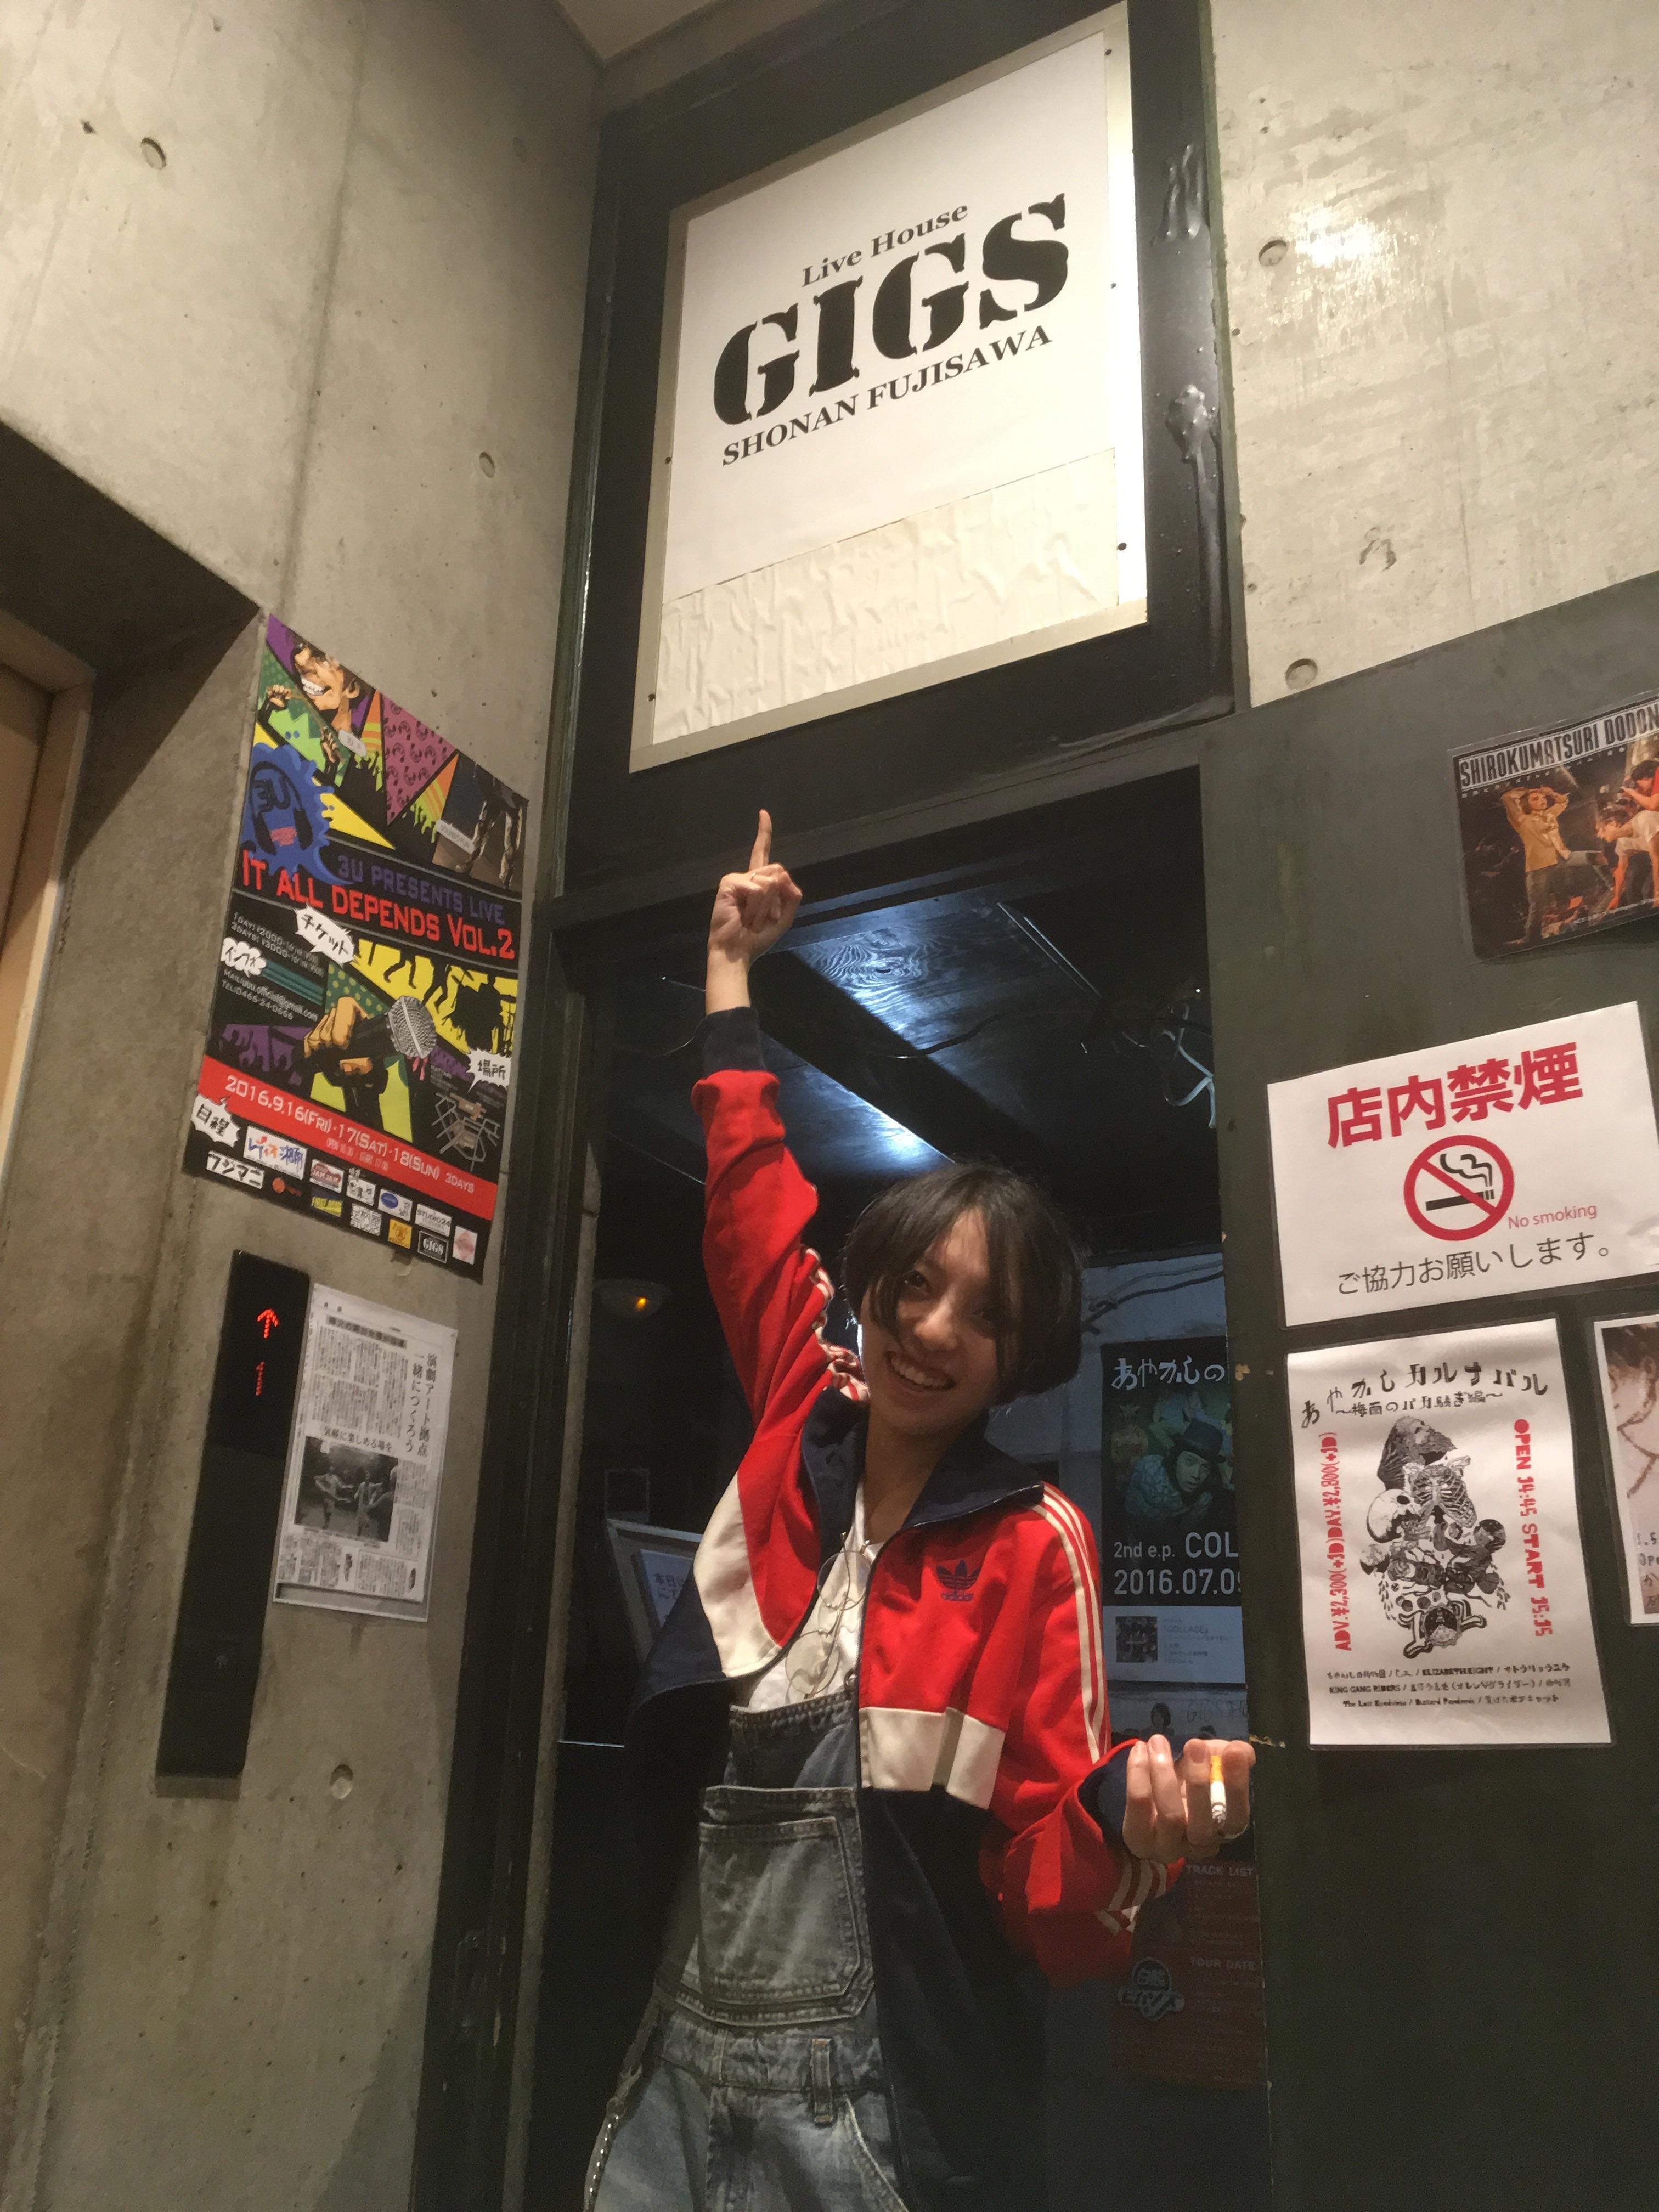 f:id:shirokumapikasoz:20170702222344j:image